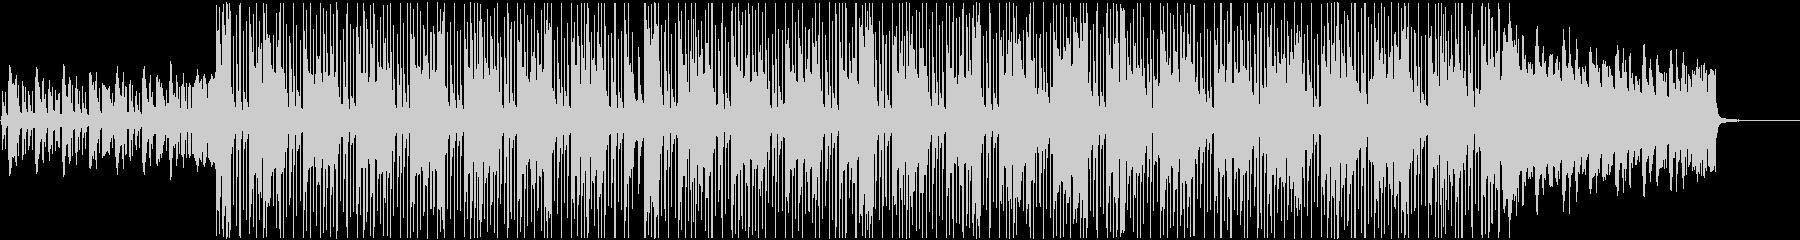 ダークな感じのヒップホップのBGMの未再生の波形